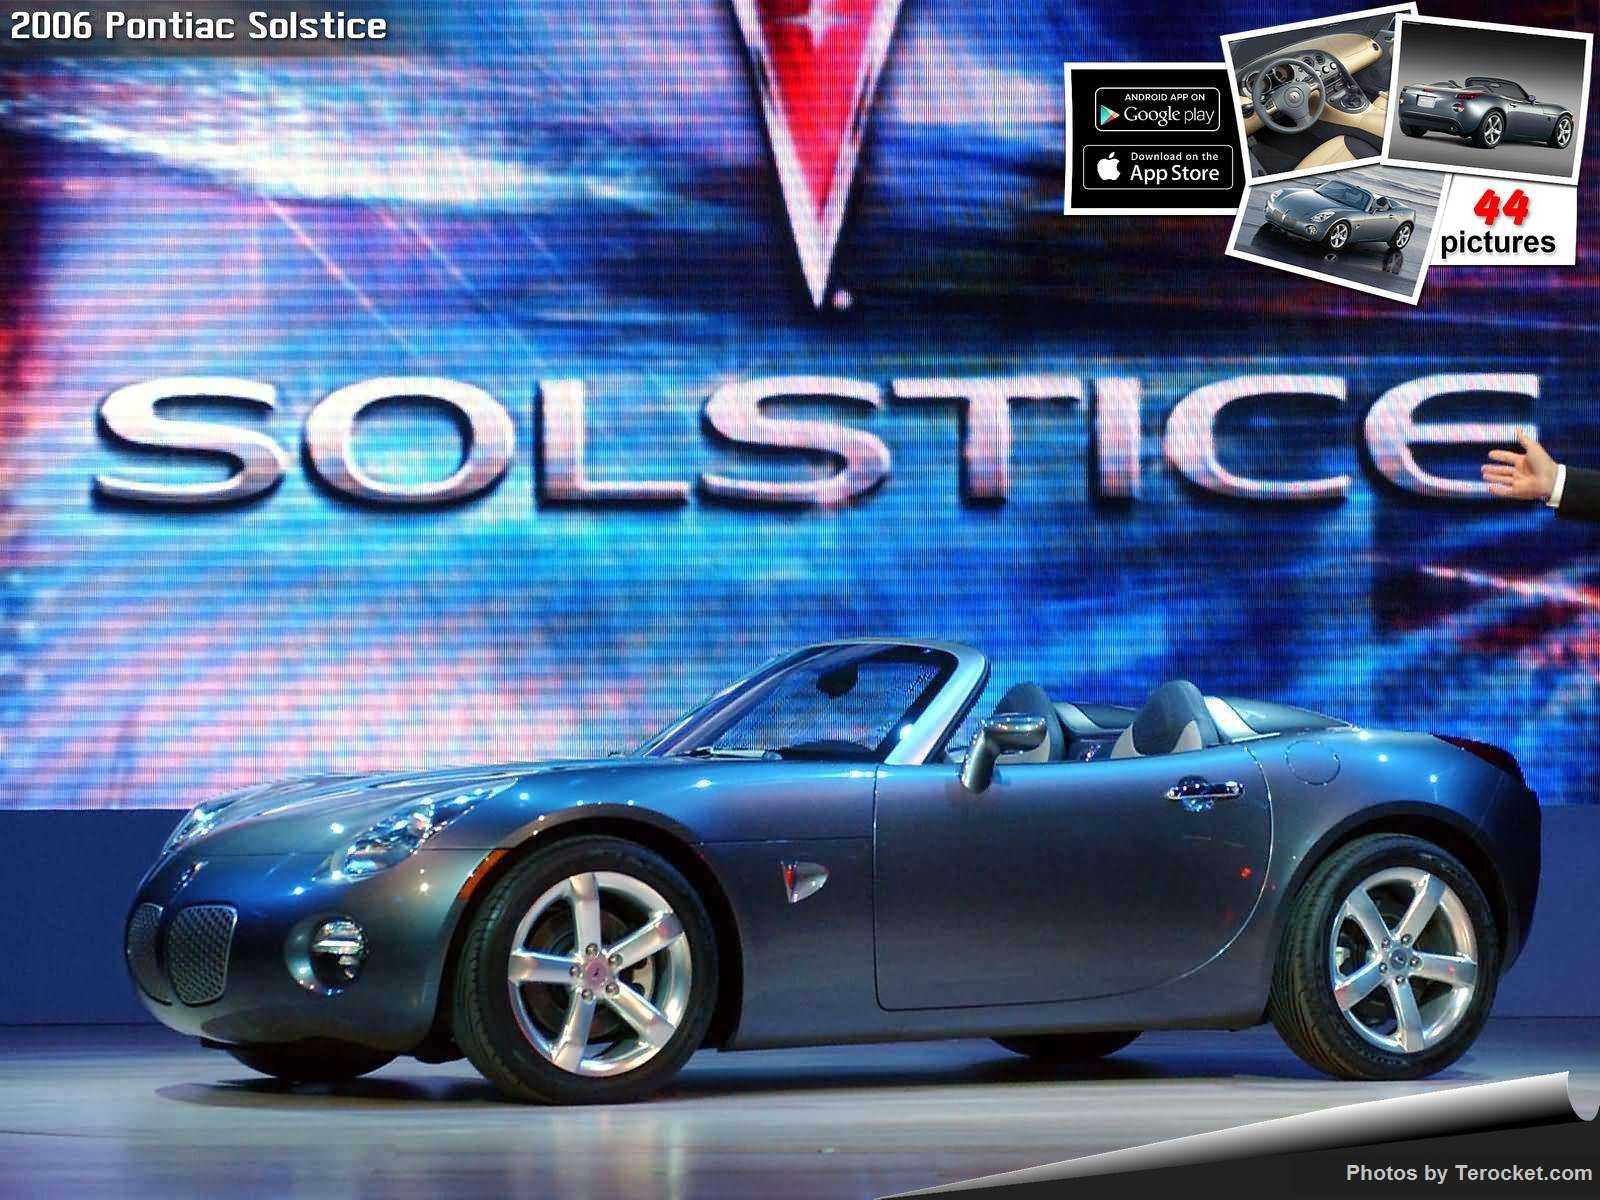 Hình ảnh xe ô tô Pontiac Solstice 2006 & nội ngoại thất